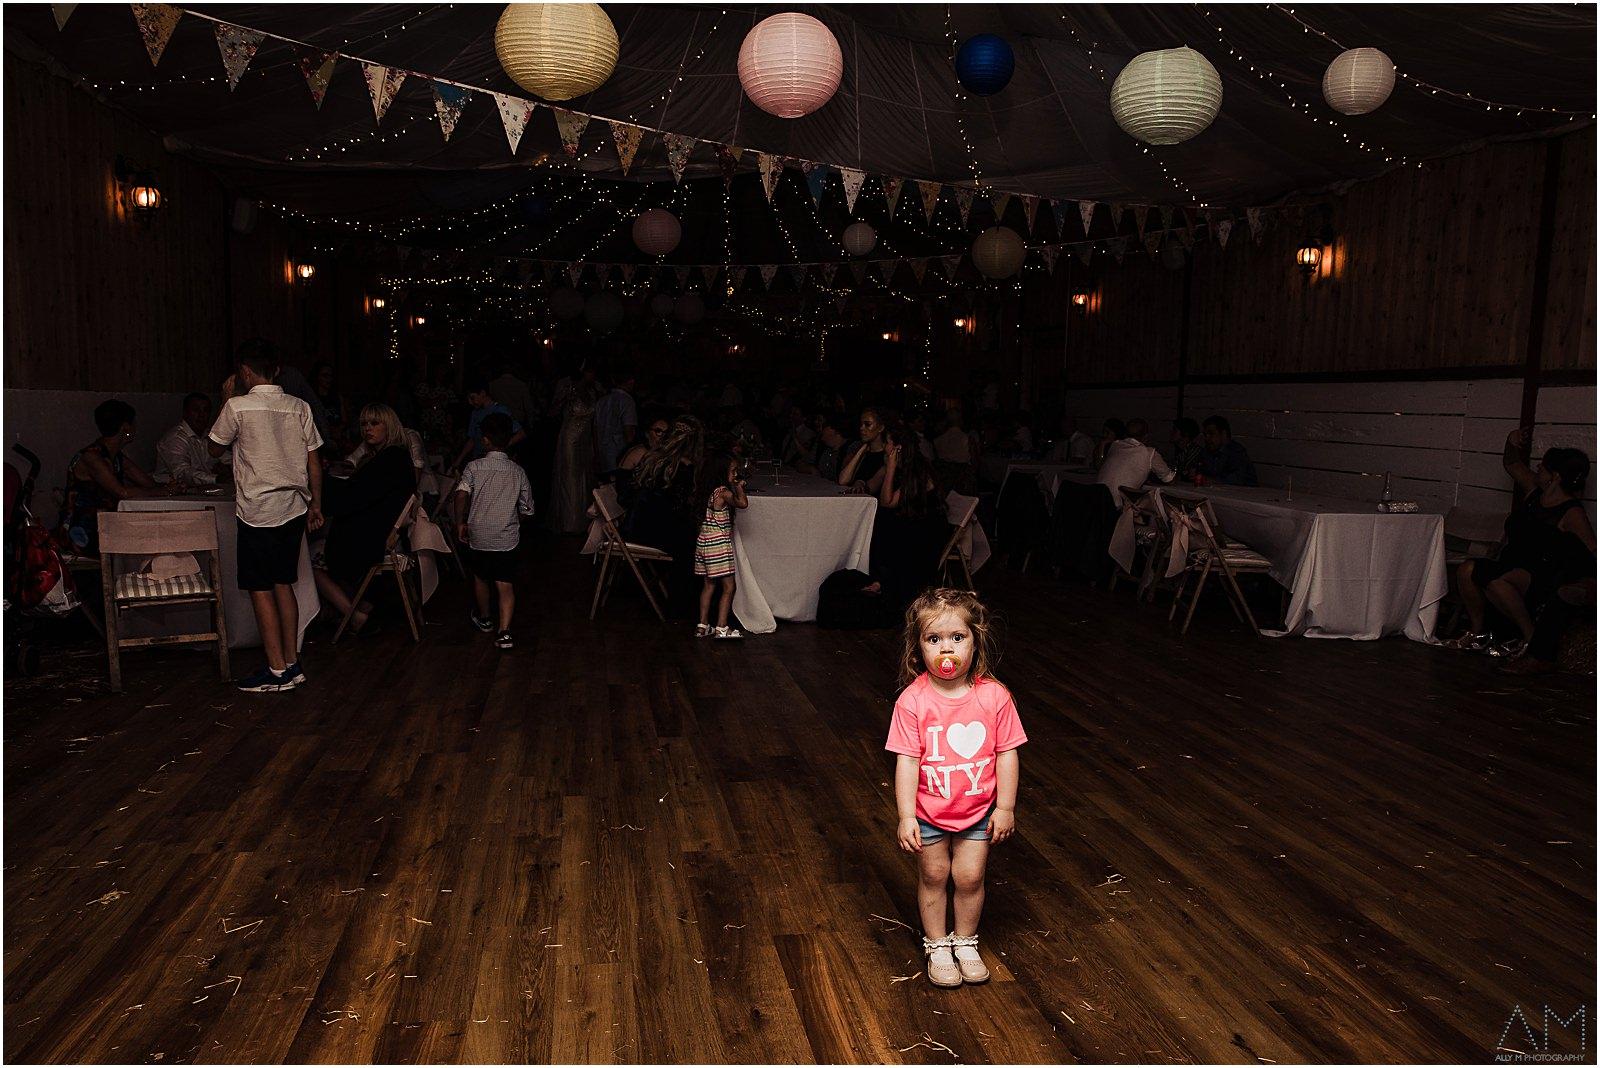 Little girl on teh dancefloor